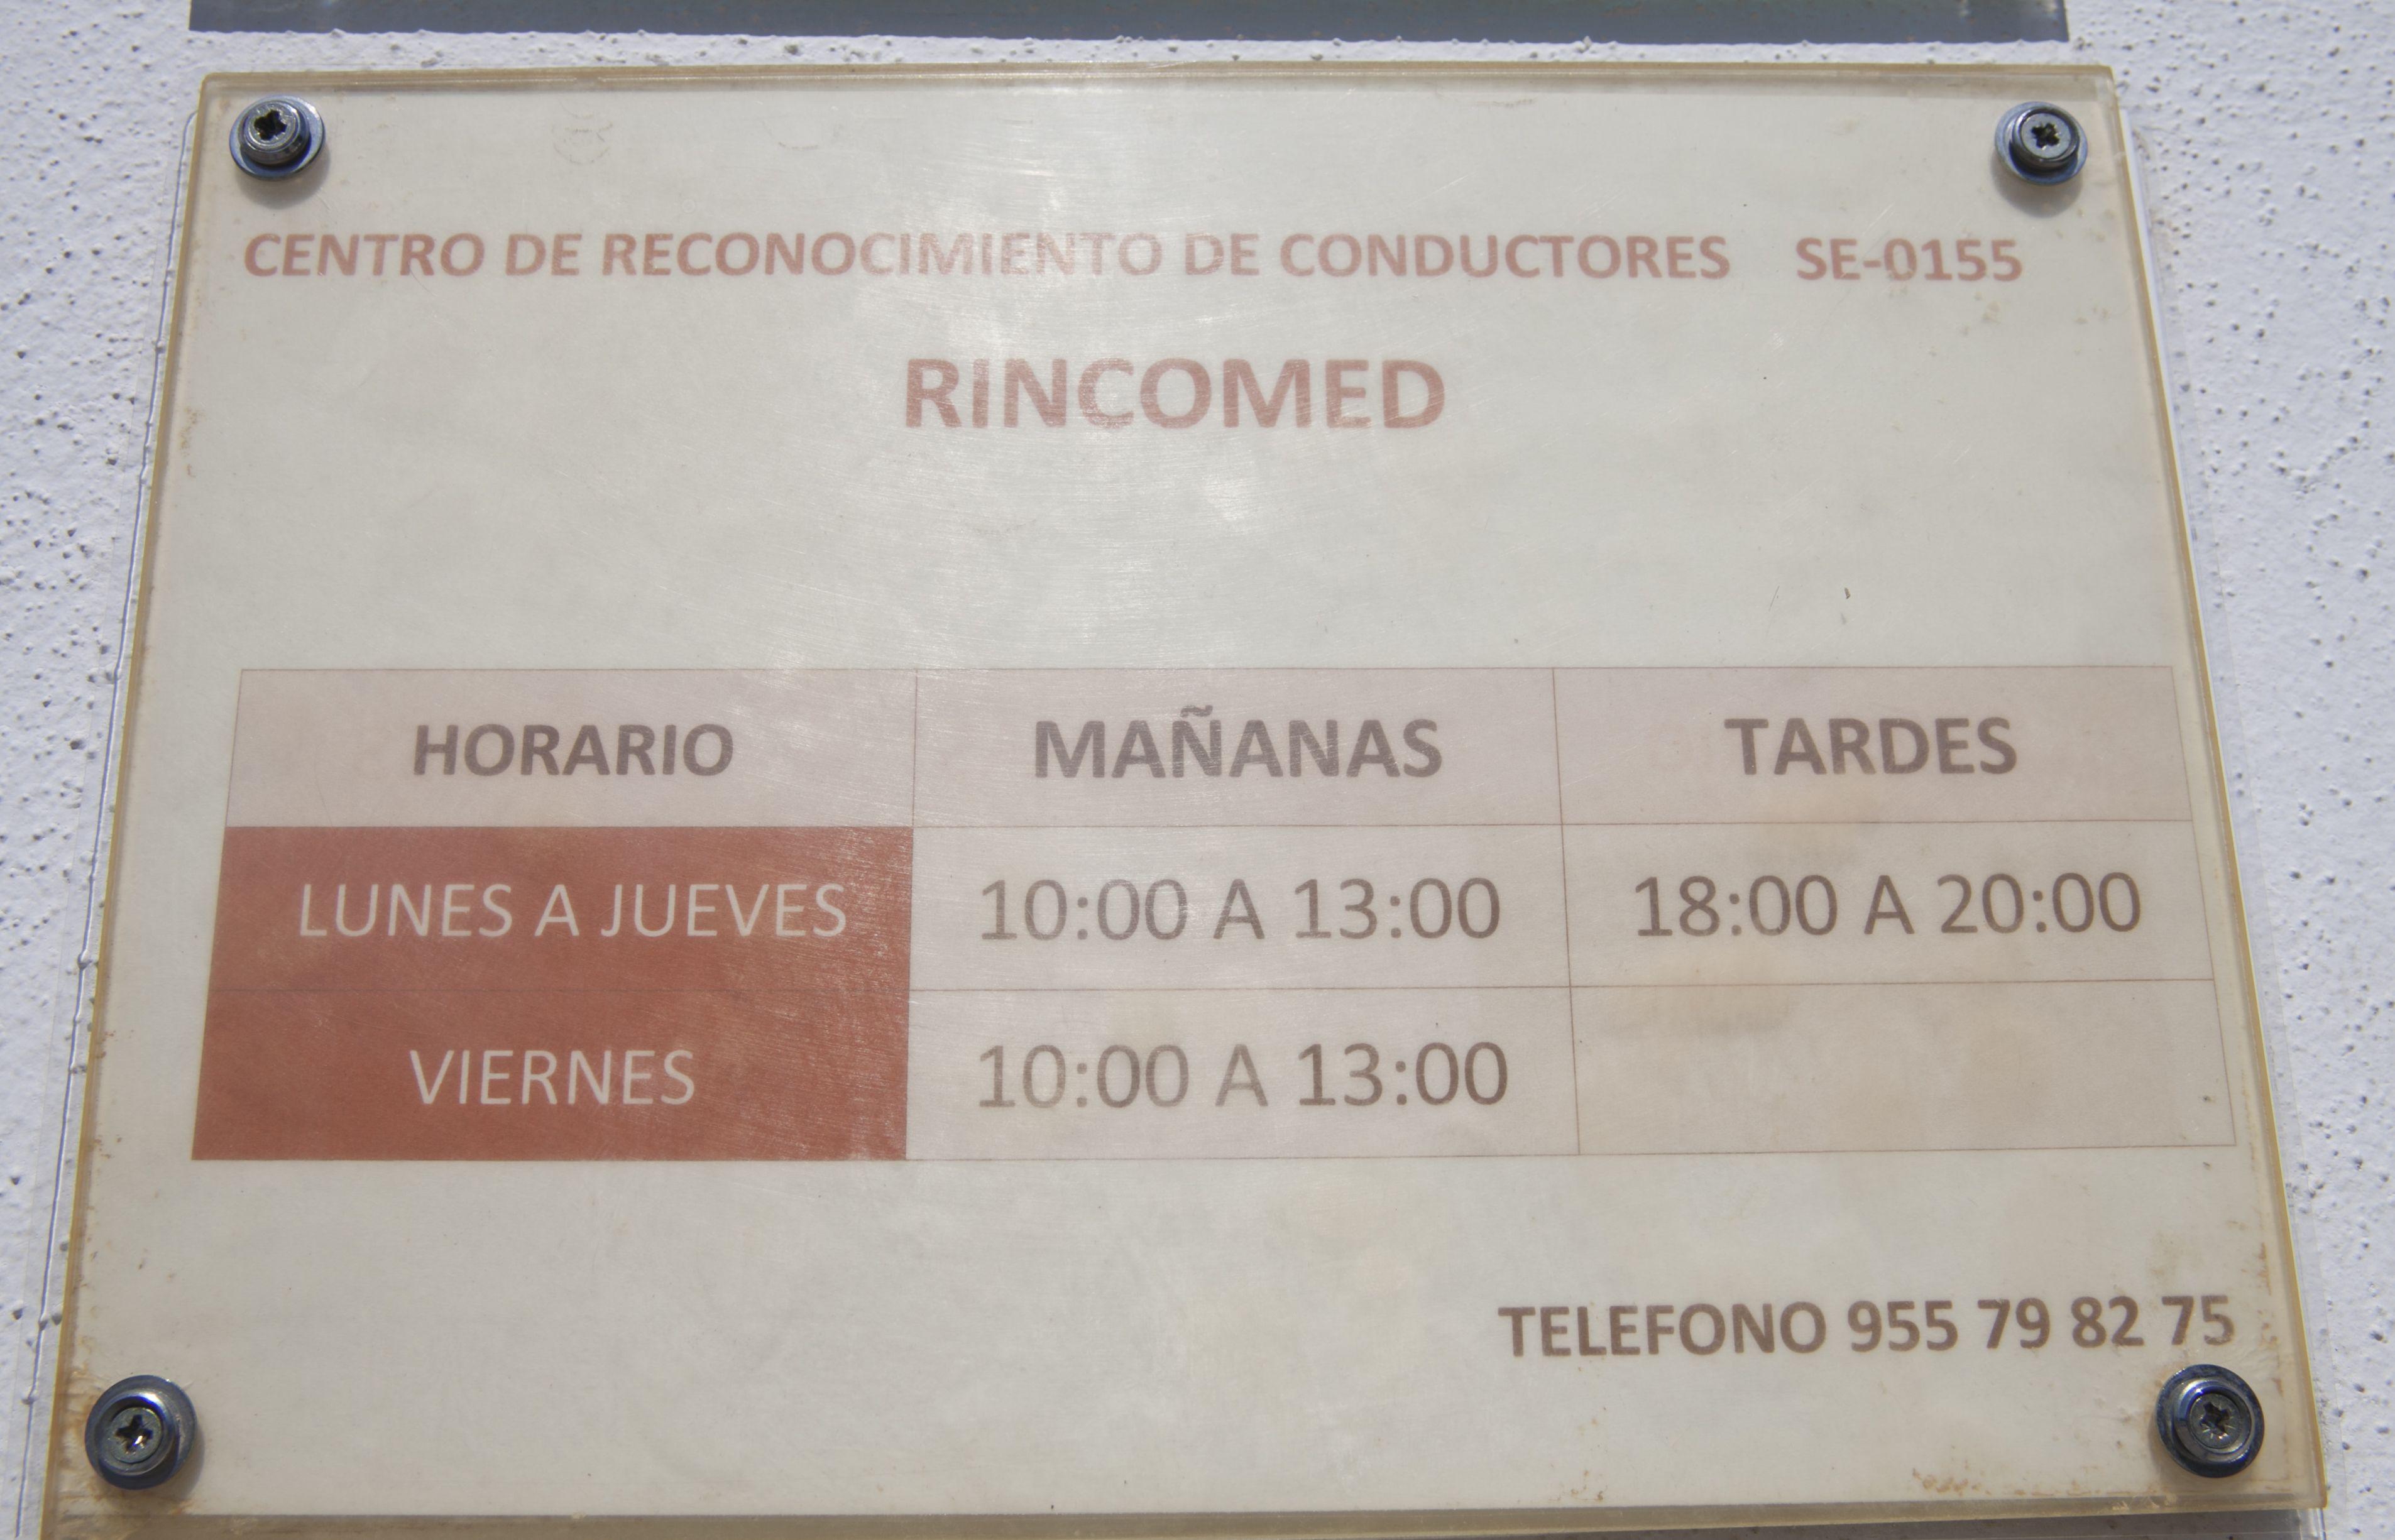 Foto 2 de Reconocimientos y certificados médicos en La Rinconada | Rincomed